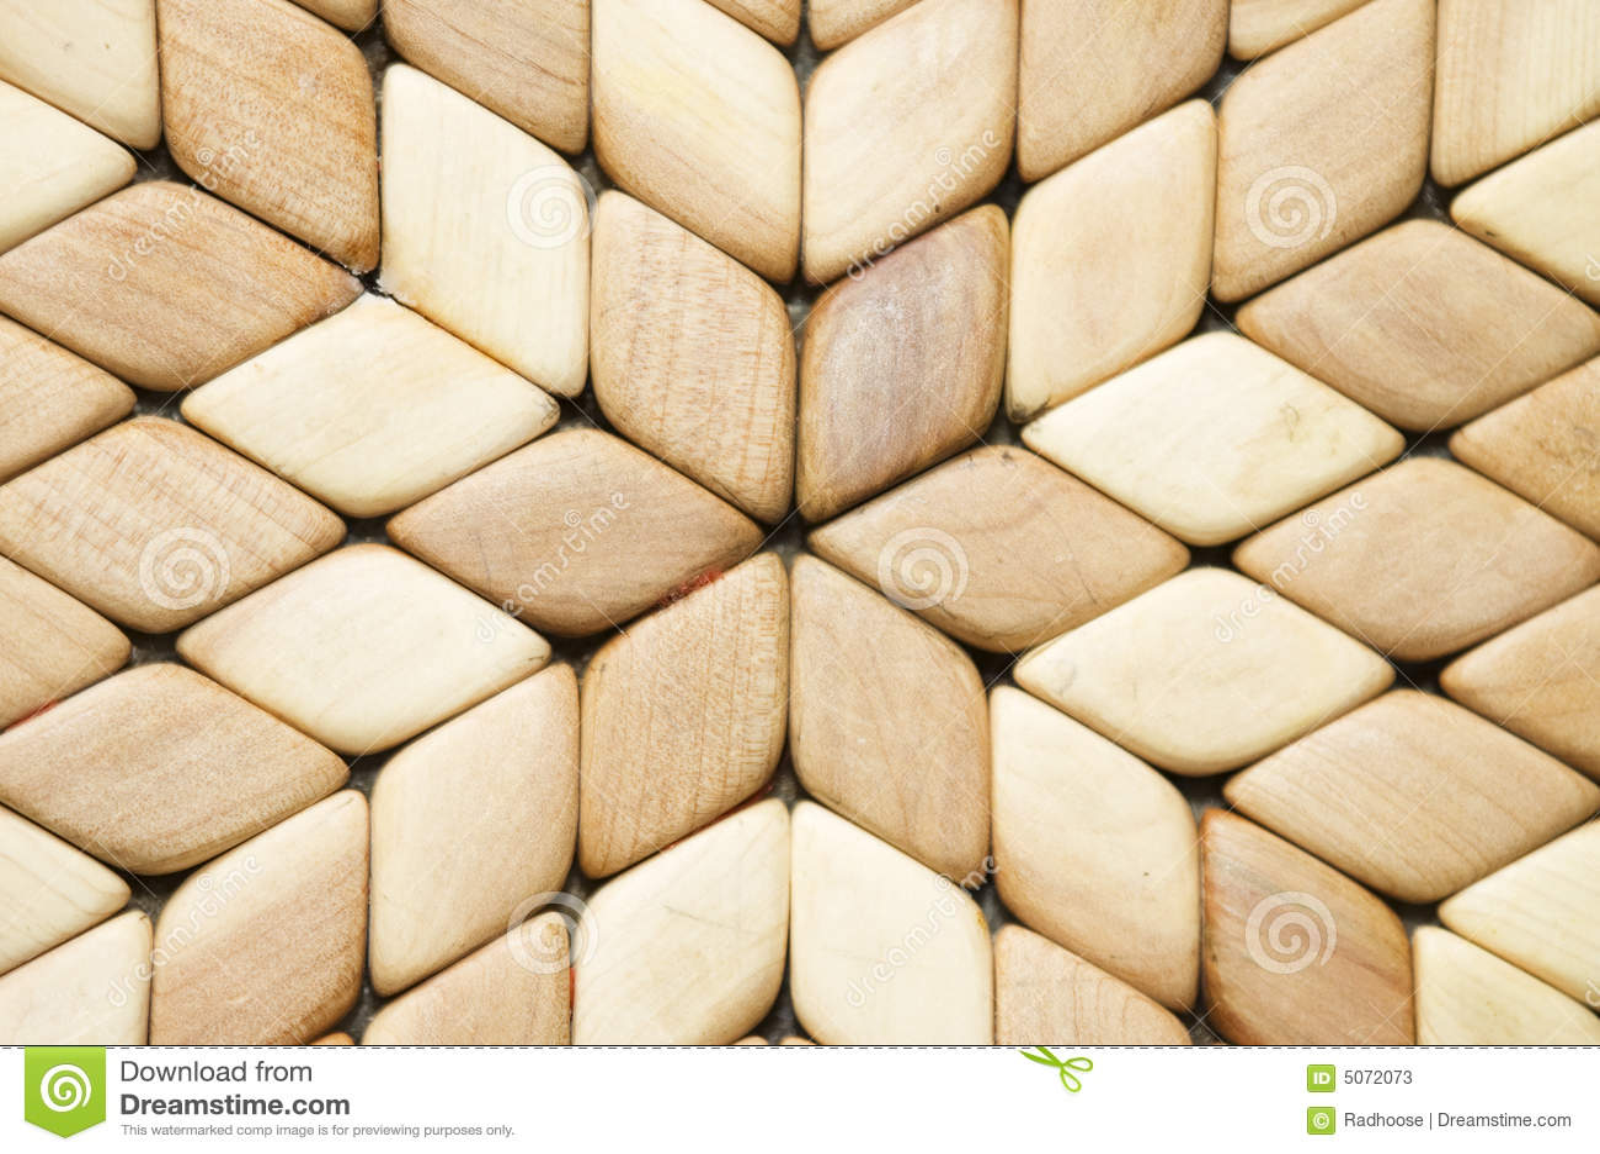 Particolare Del Mosaico Di Legno Immagine Stock - Immagine di wooden ...